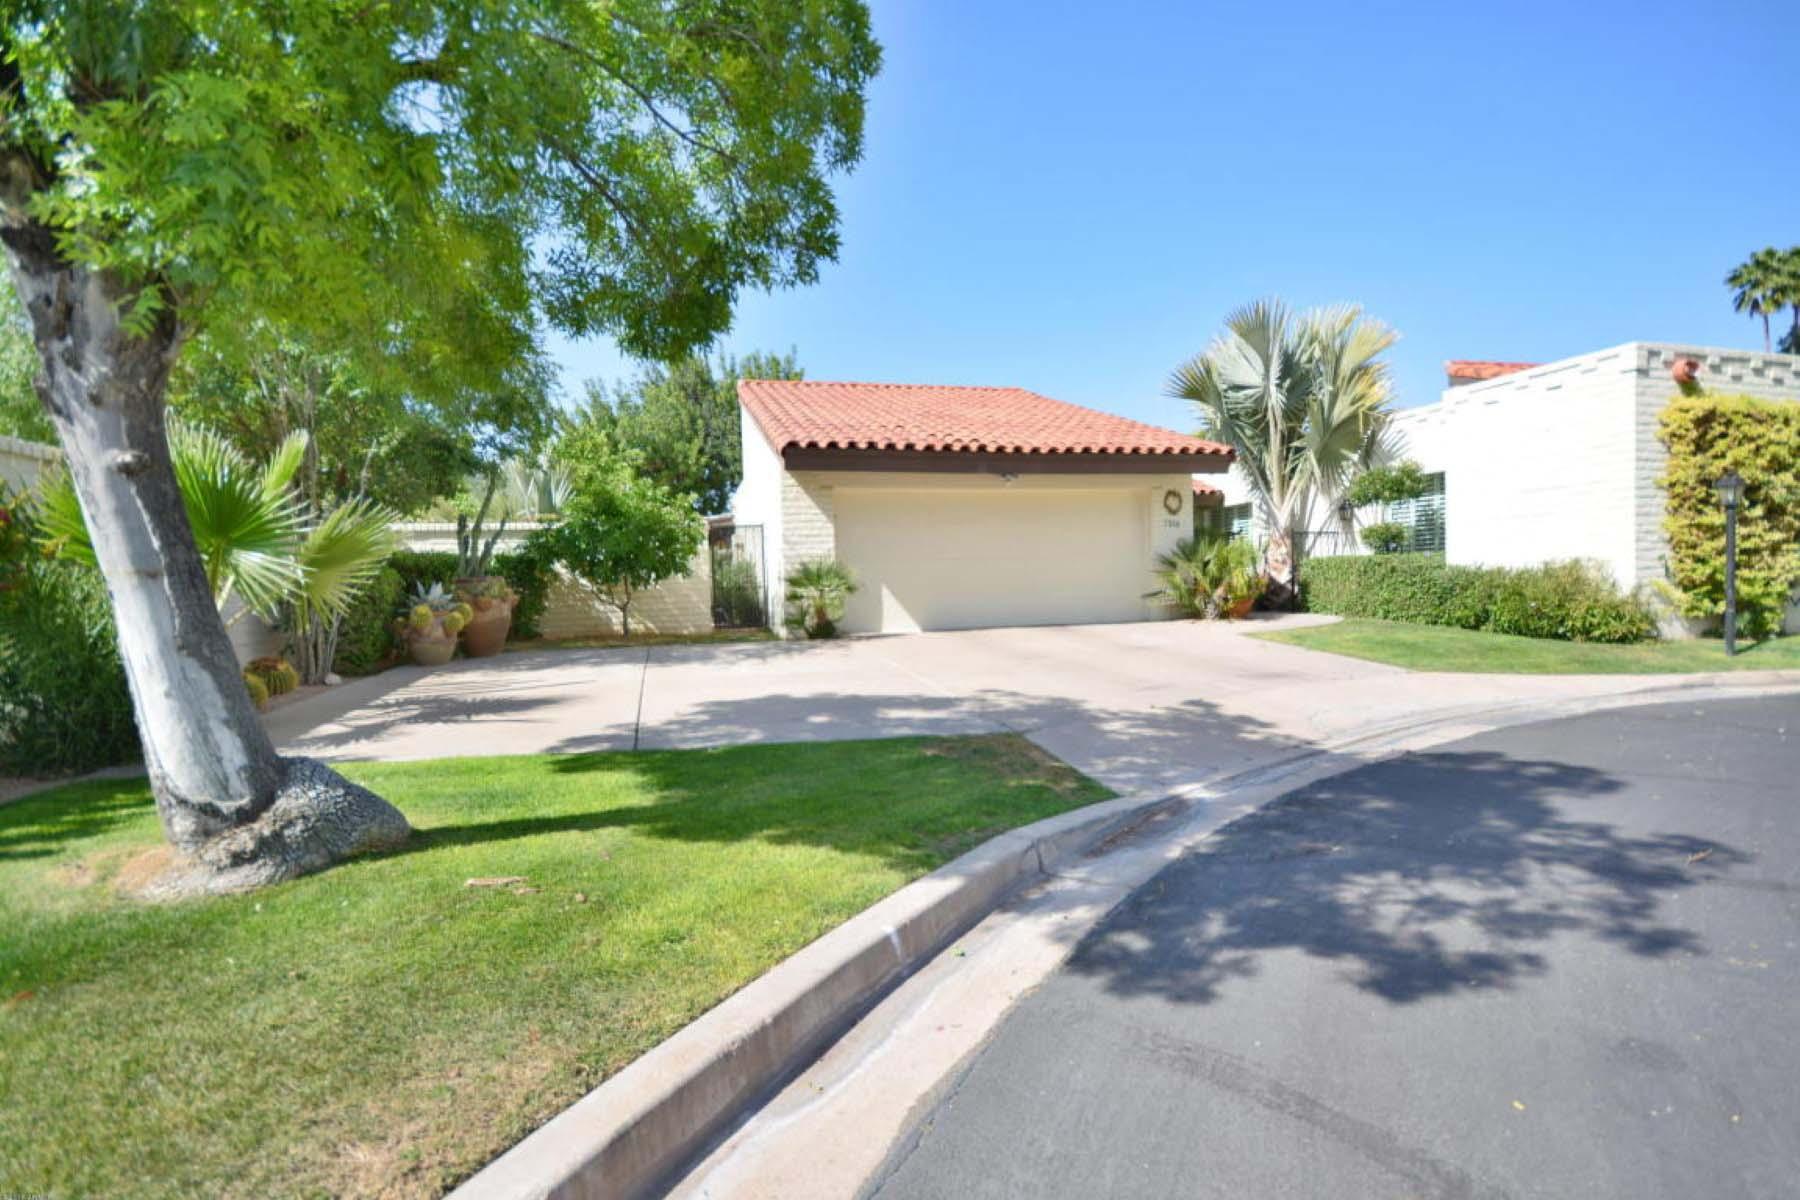 Maison unifamiliale pour l Vente à Highly desirable Casabella home. 7316 E SIERRA VISTA DR Scottsdale, Arizona 85250 États-Unis